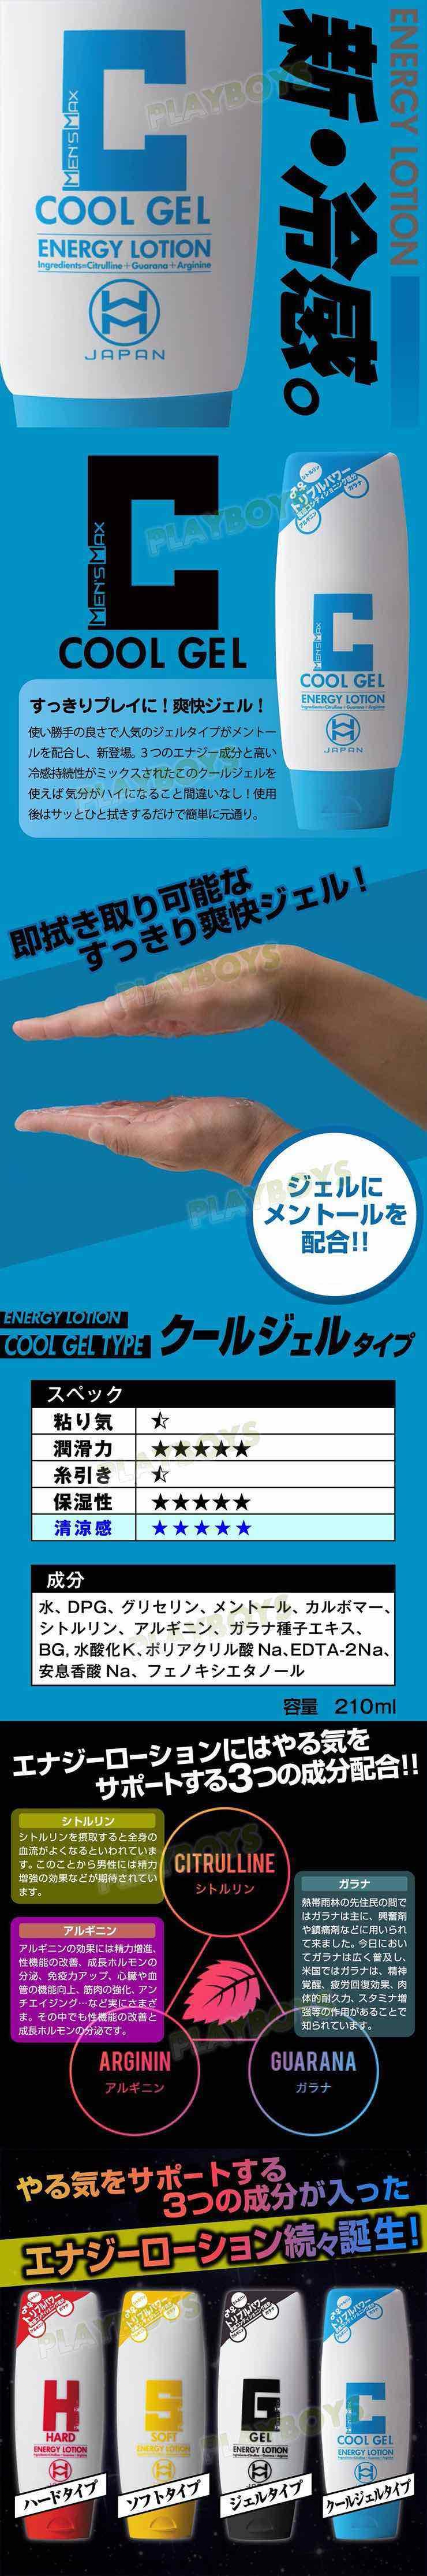 爽射高速炮 語音互動伸縮旋轉飛機杯 X日本MENS MAX酷涼潤滑液